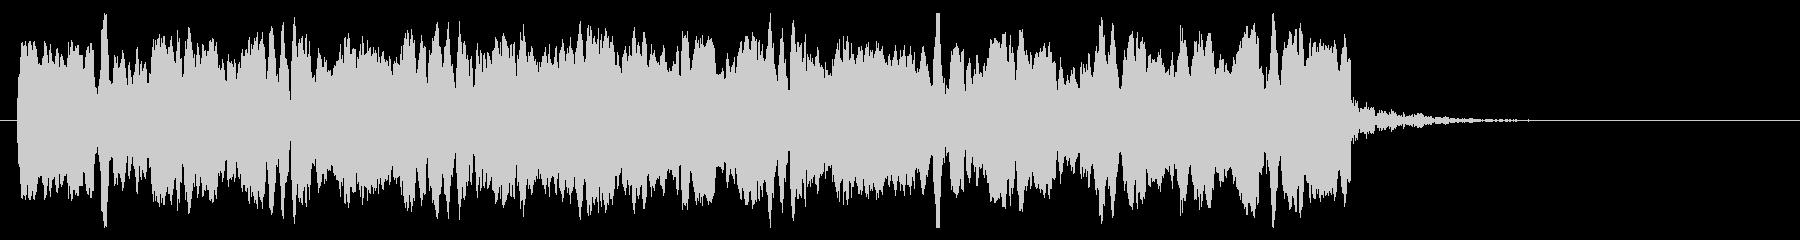 8bitパワーU-D-02-2_revの未再生の波形